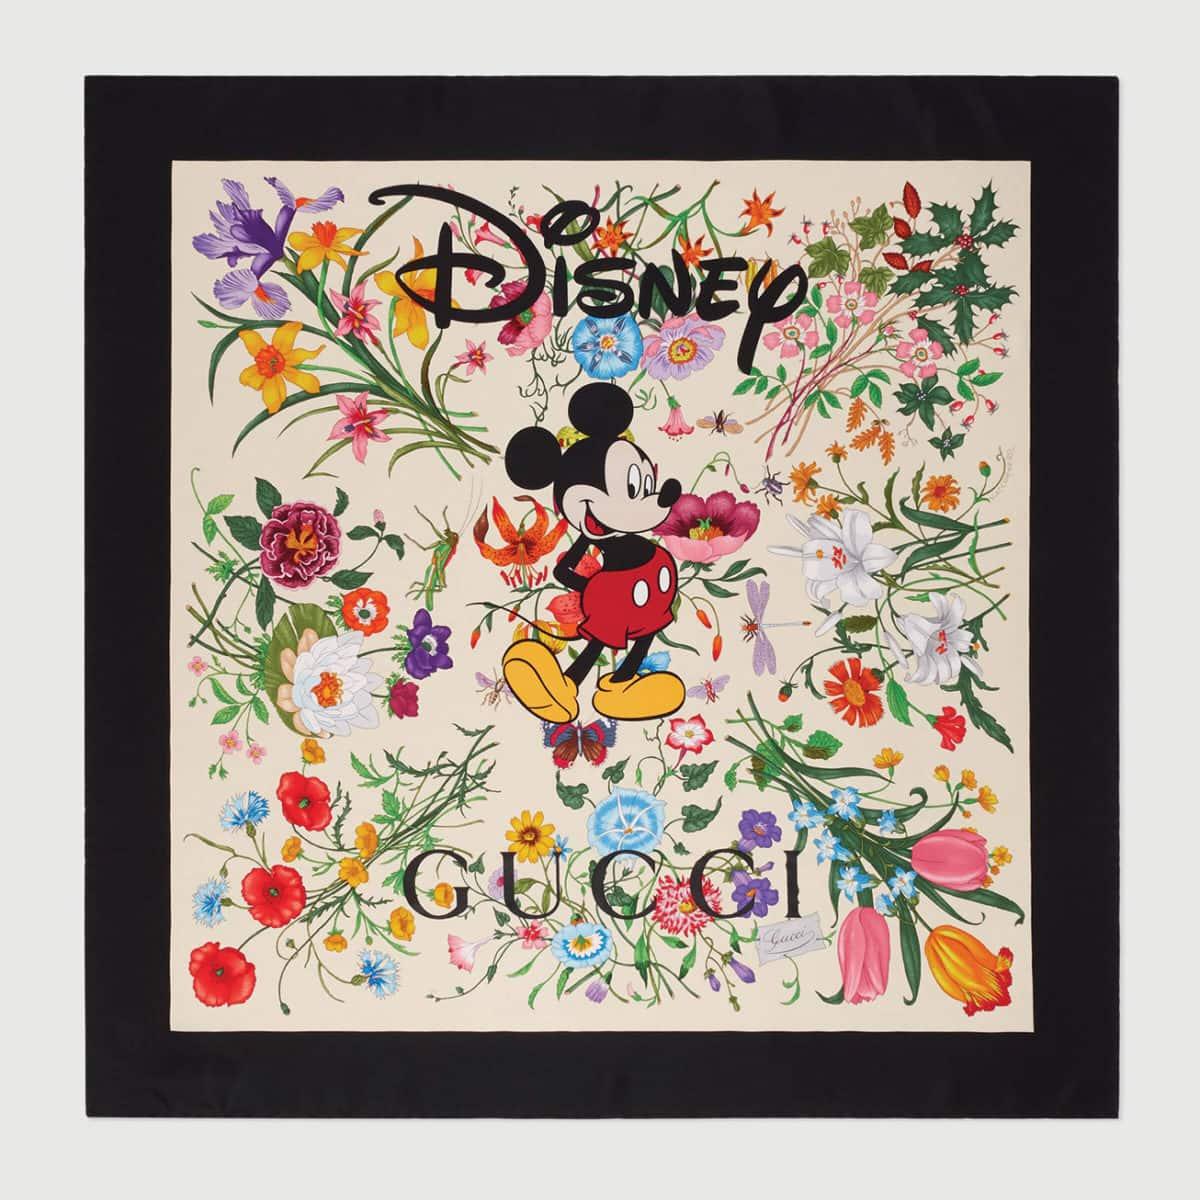 Disney x Gucci silk scarf